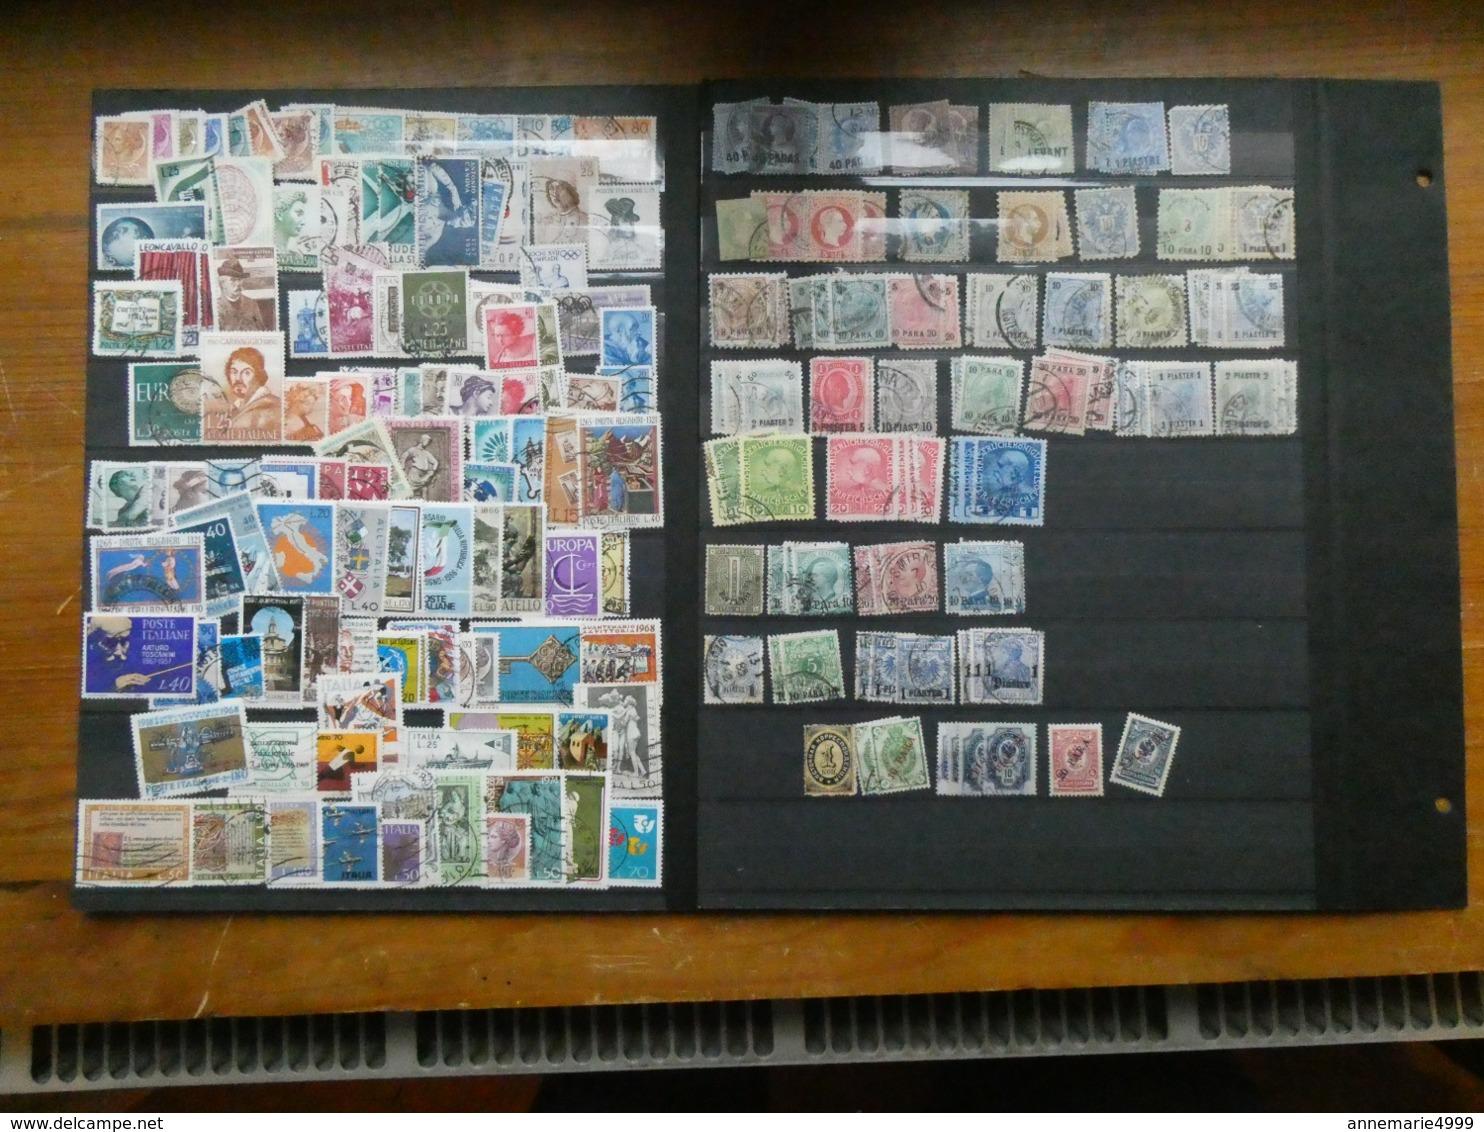 EUROPE  Collection-accumulation Tous Pays, Tous états, Toutes Périodes Dont Anciens Environ 4000 Timbres - Timbres